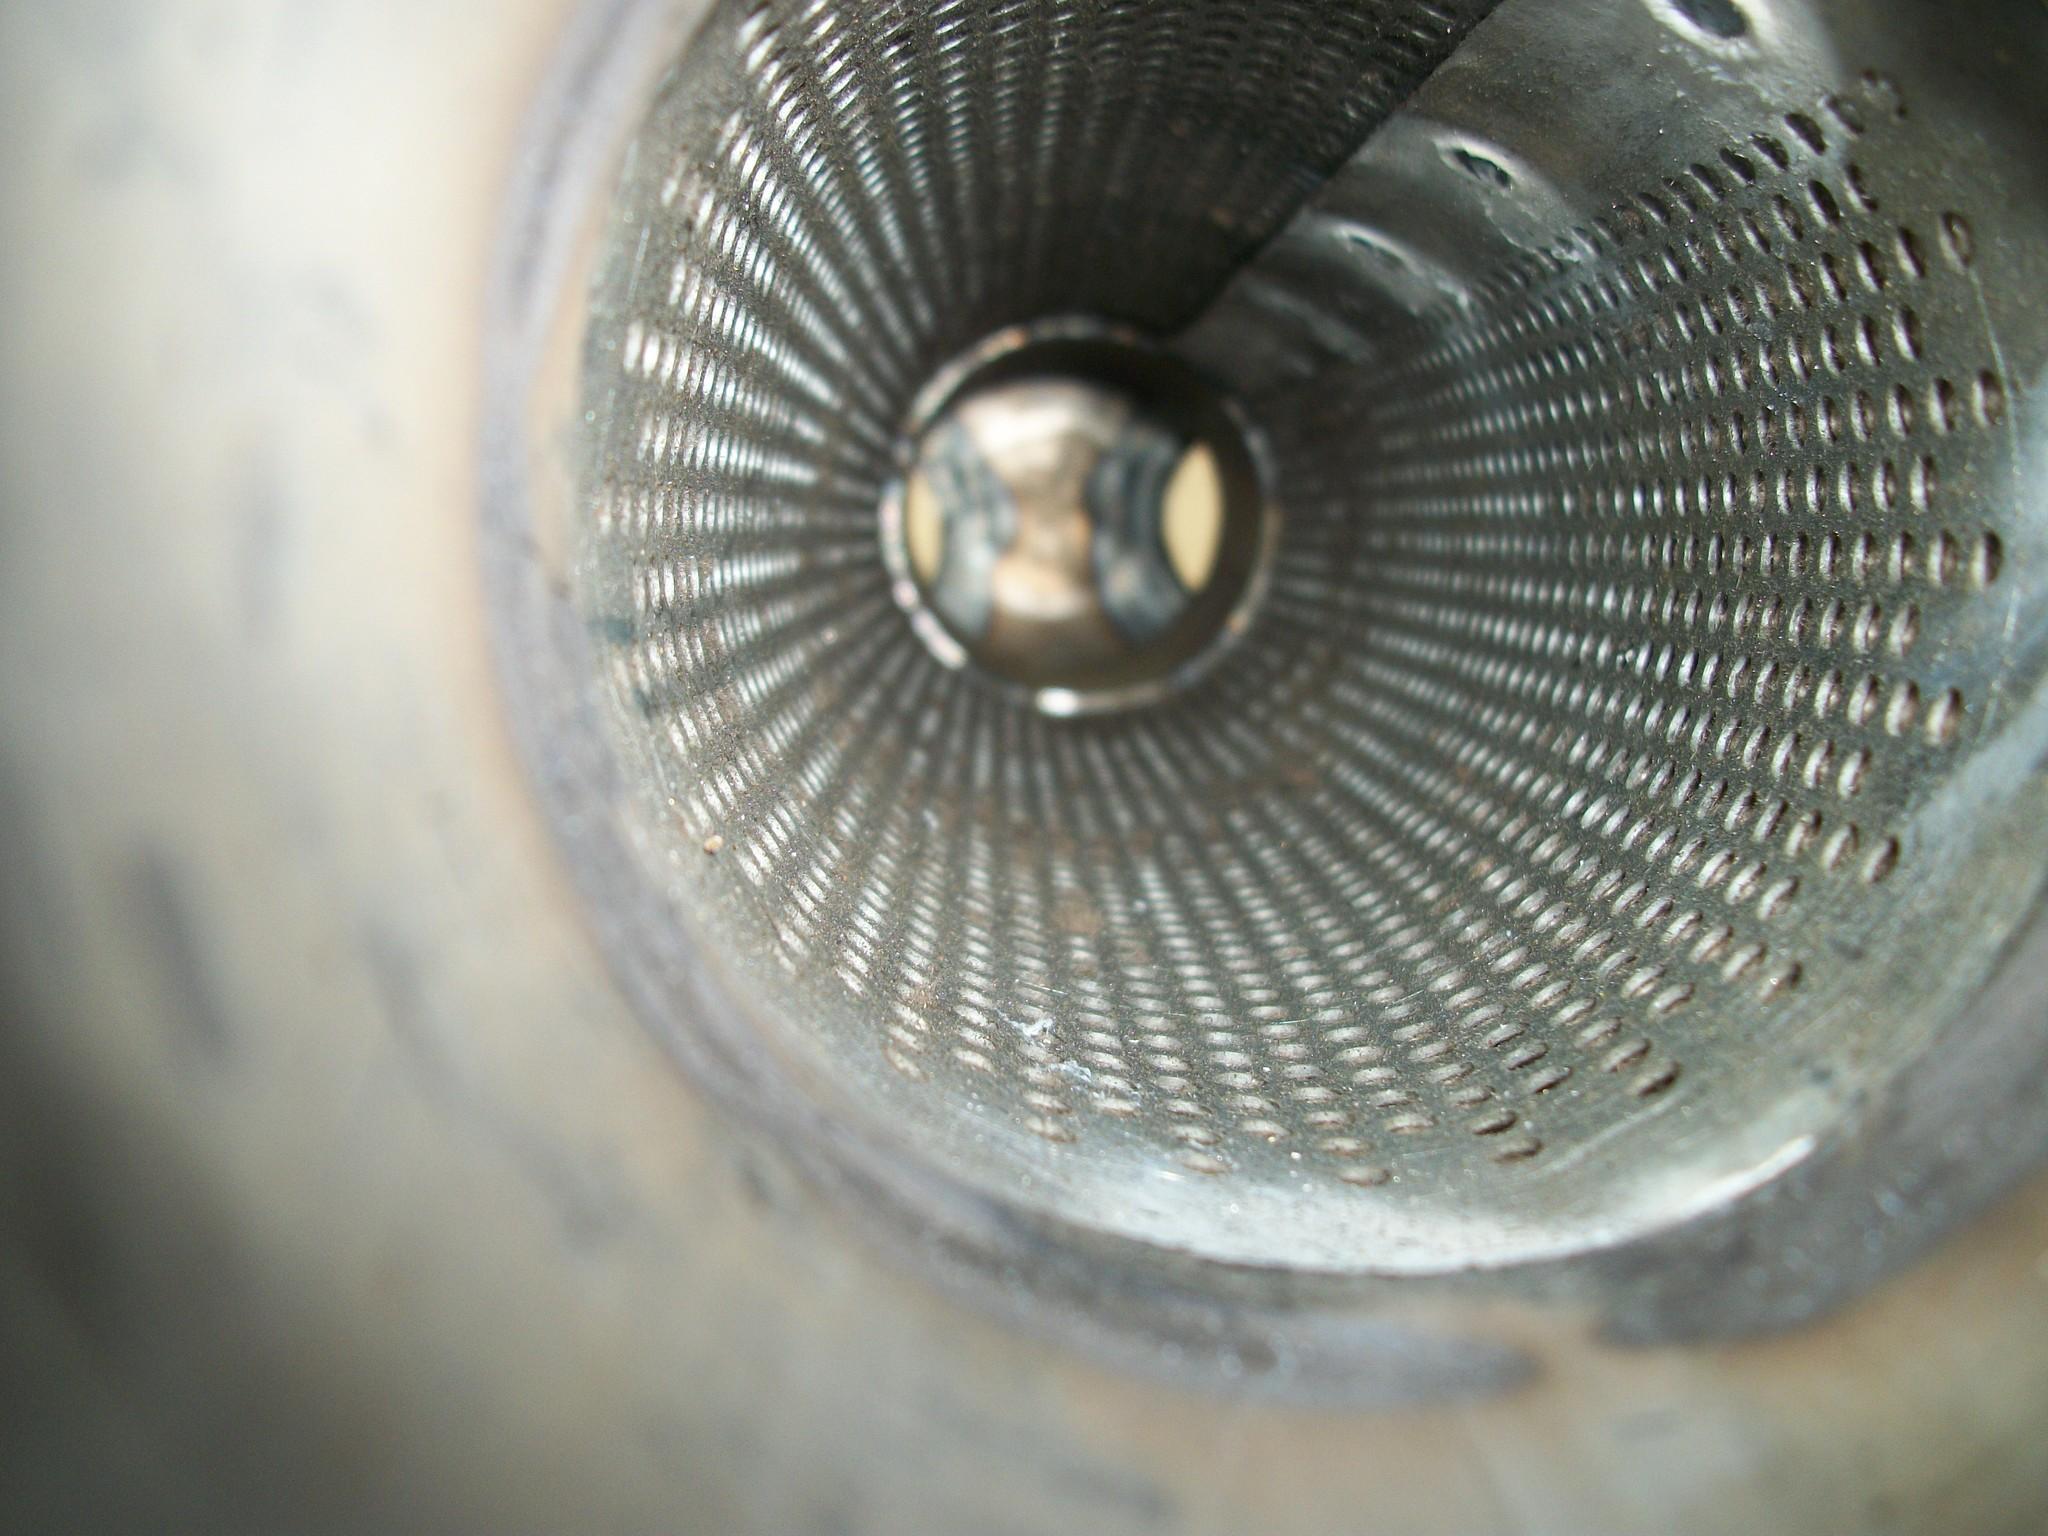 фото прямоток модель d05 вид внутри